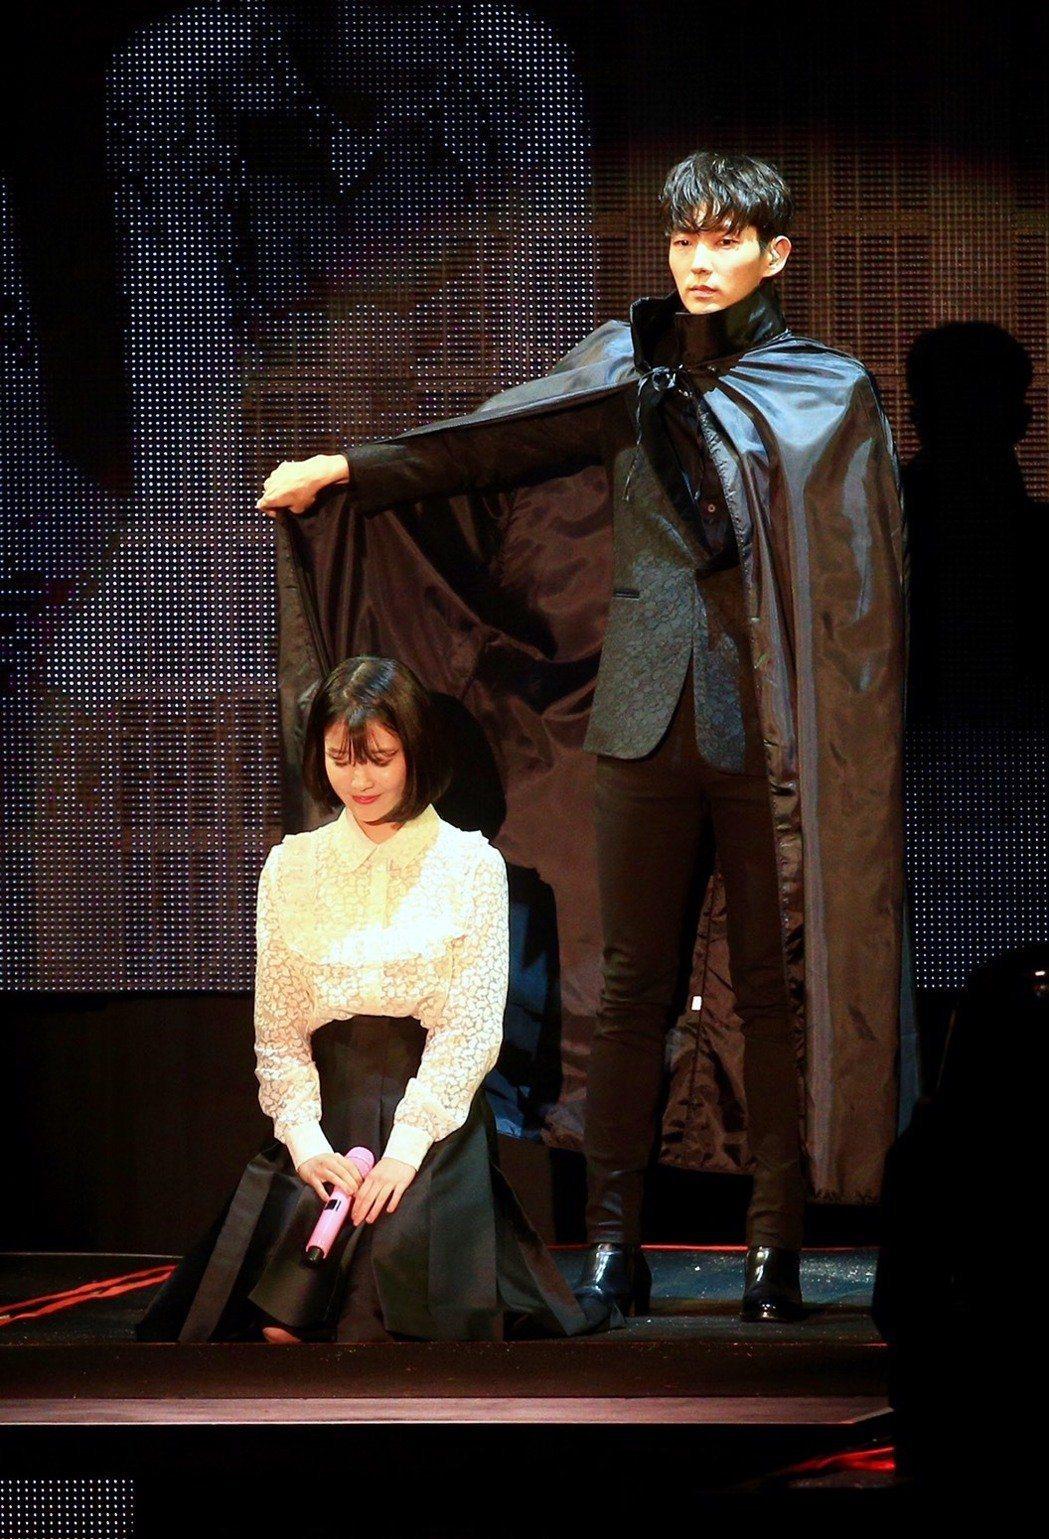 IU去年年初於台北舉辦粉絲見面會時,李準基驚喜現身重現「四爺幫解樹擋雨」的經典橋